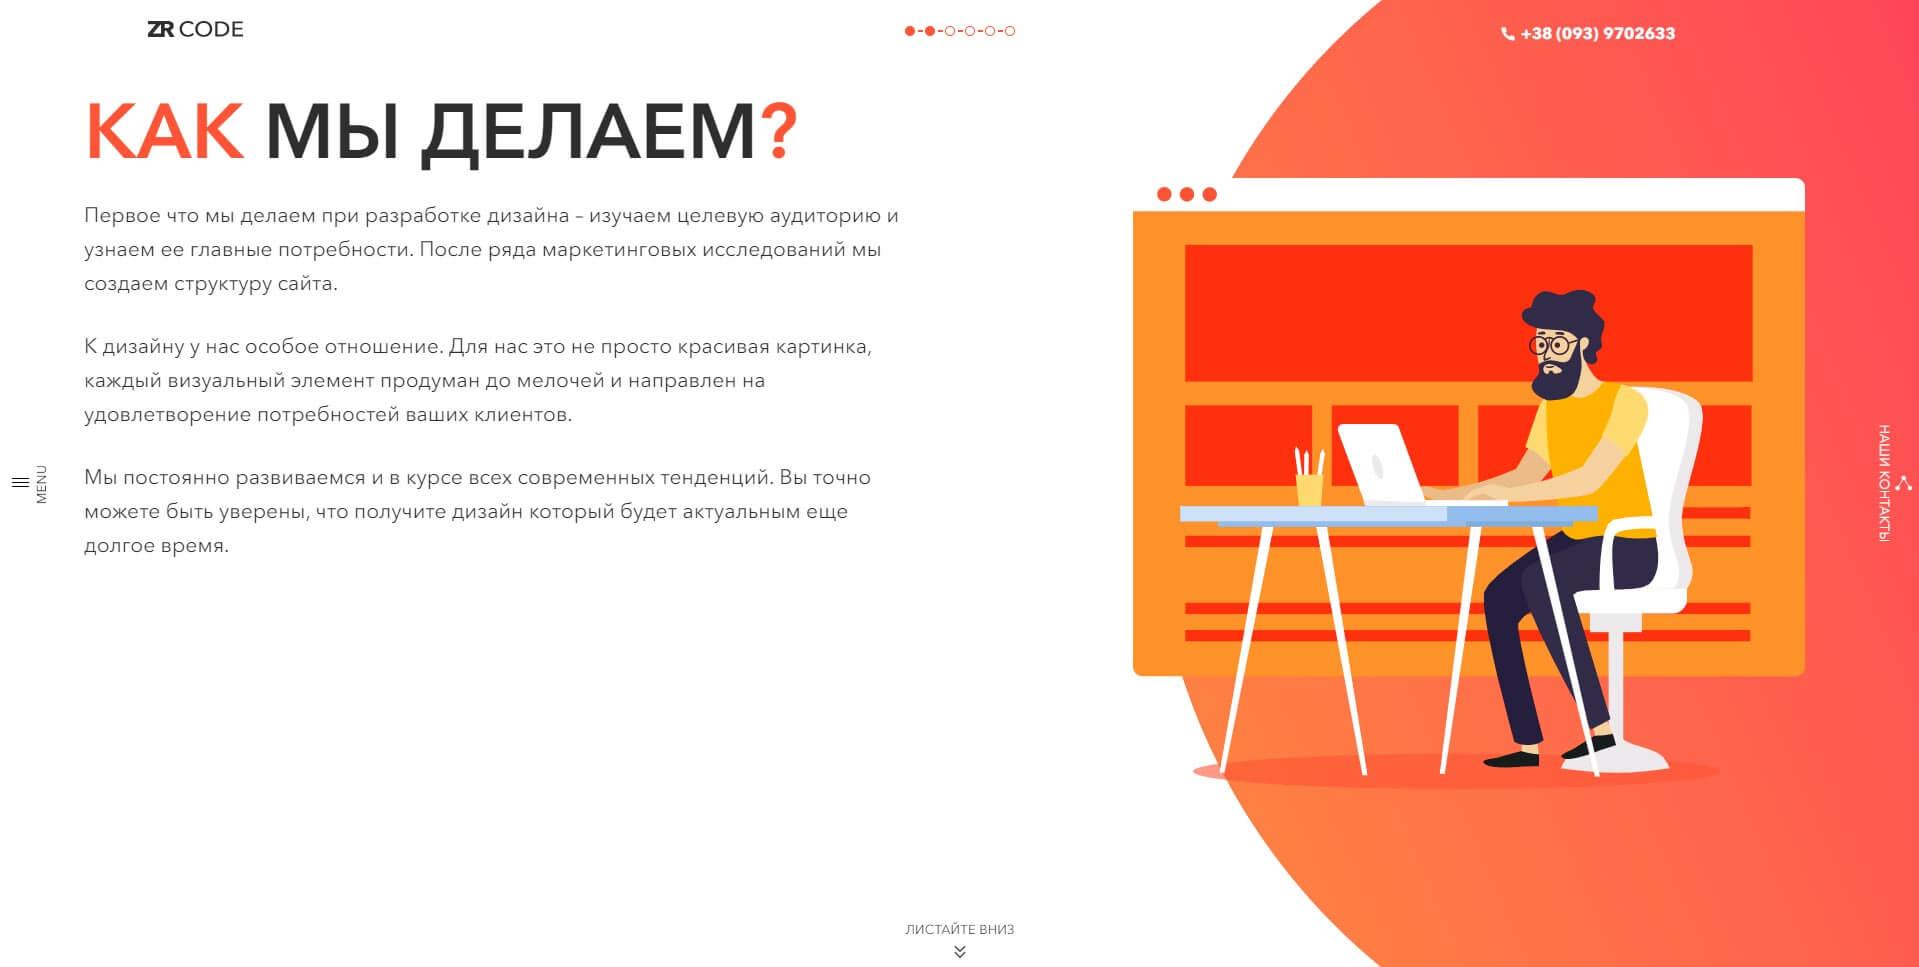 ZR code - обзор компании, услуги, отзывы, клиенты, Фото № 2 - google-seo.pro